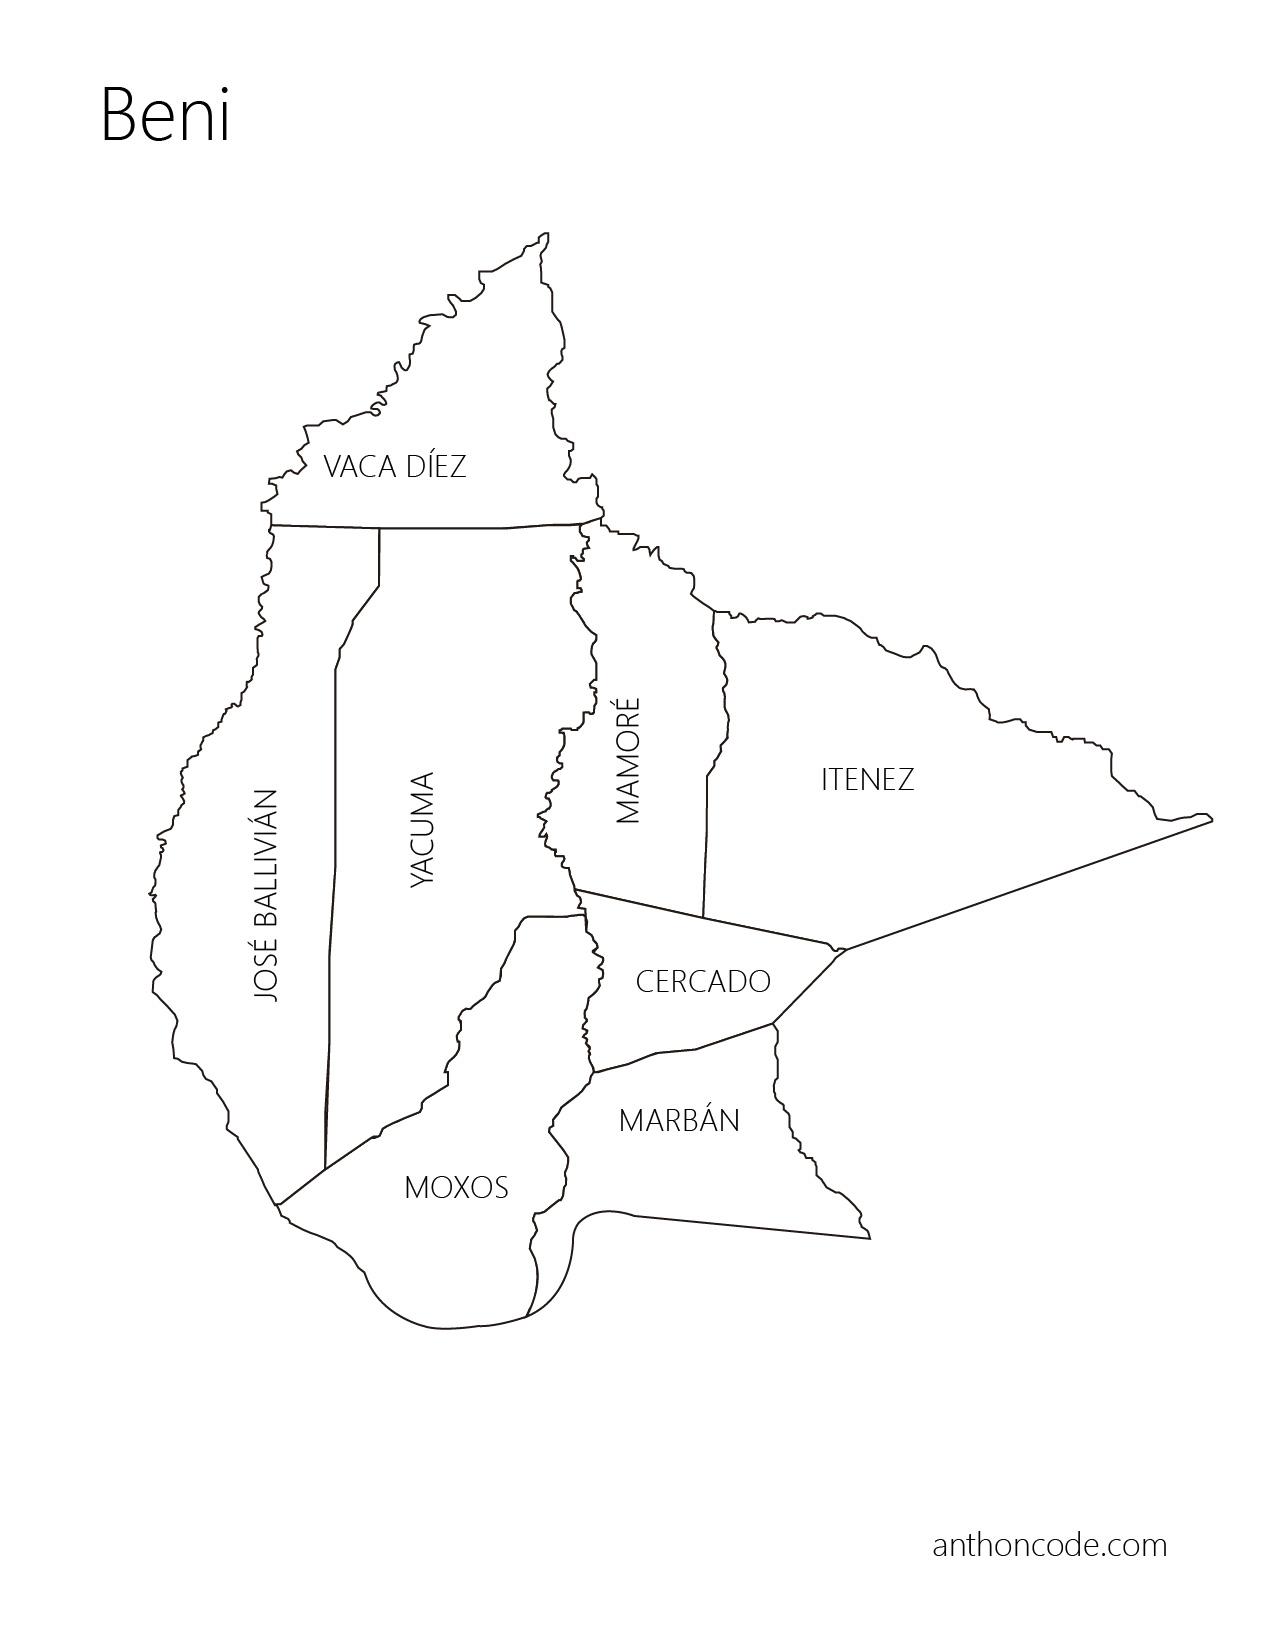 Mapa político de Beni y provincias para colorear